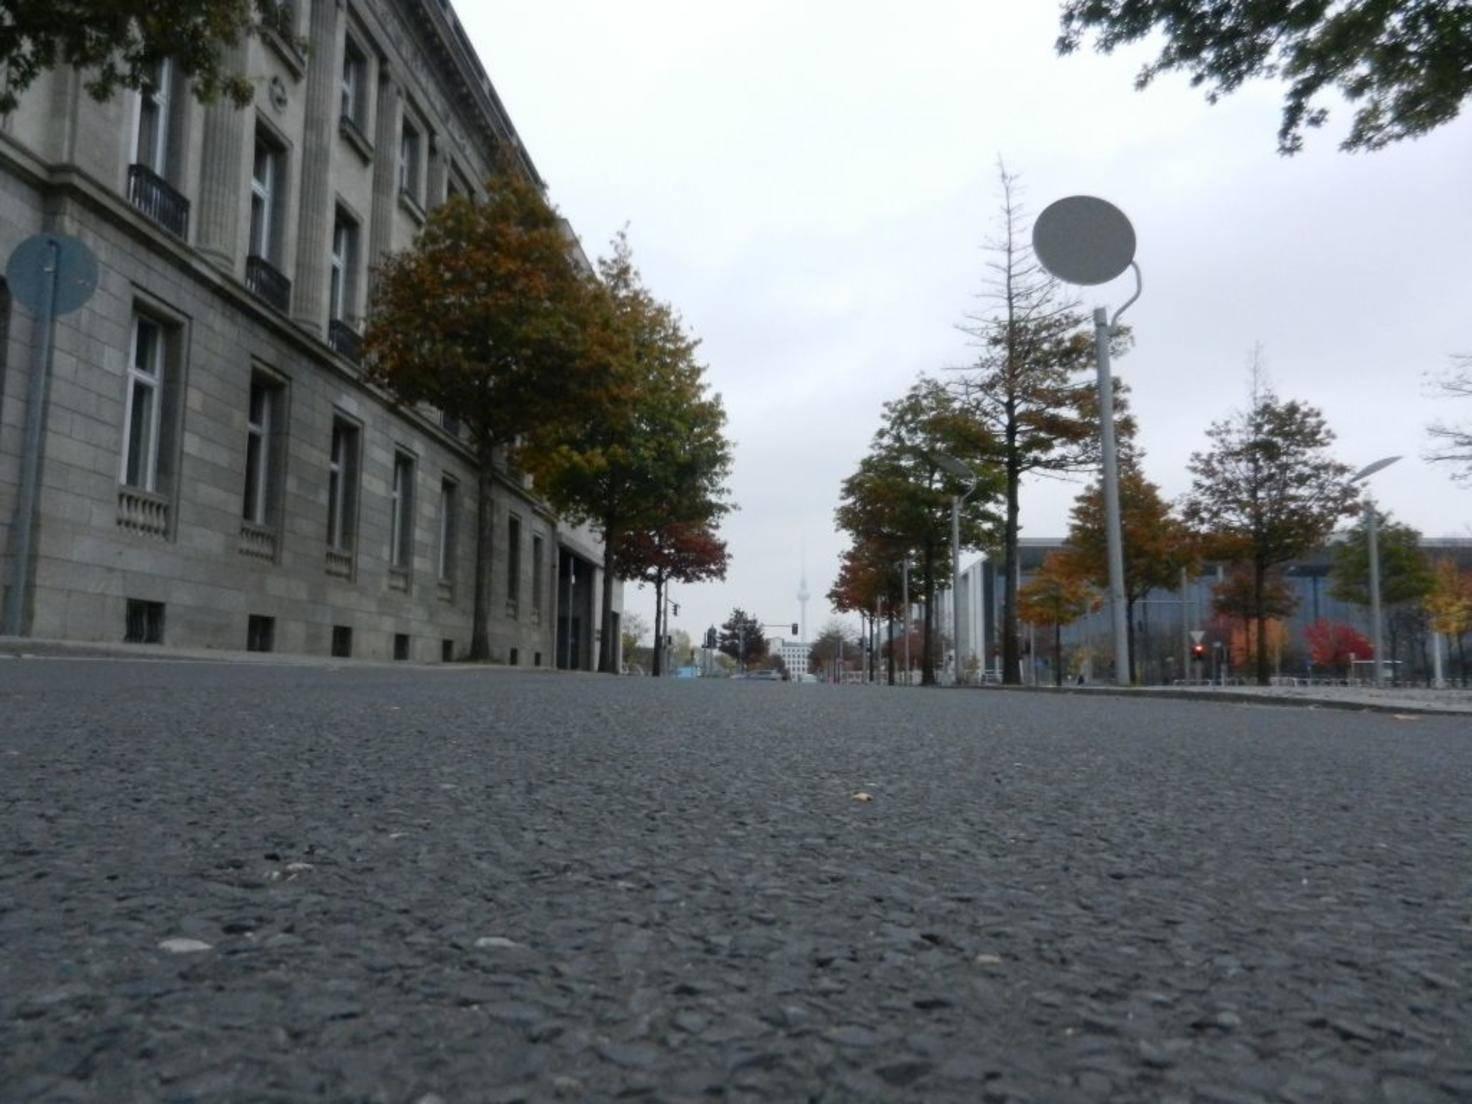 Auf glatten Straßen wird die Racing Drone richtig schnell.